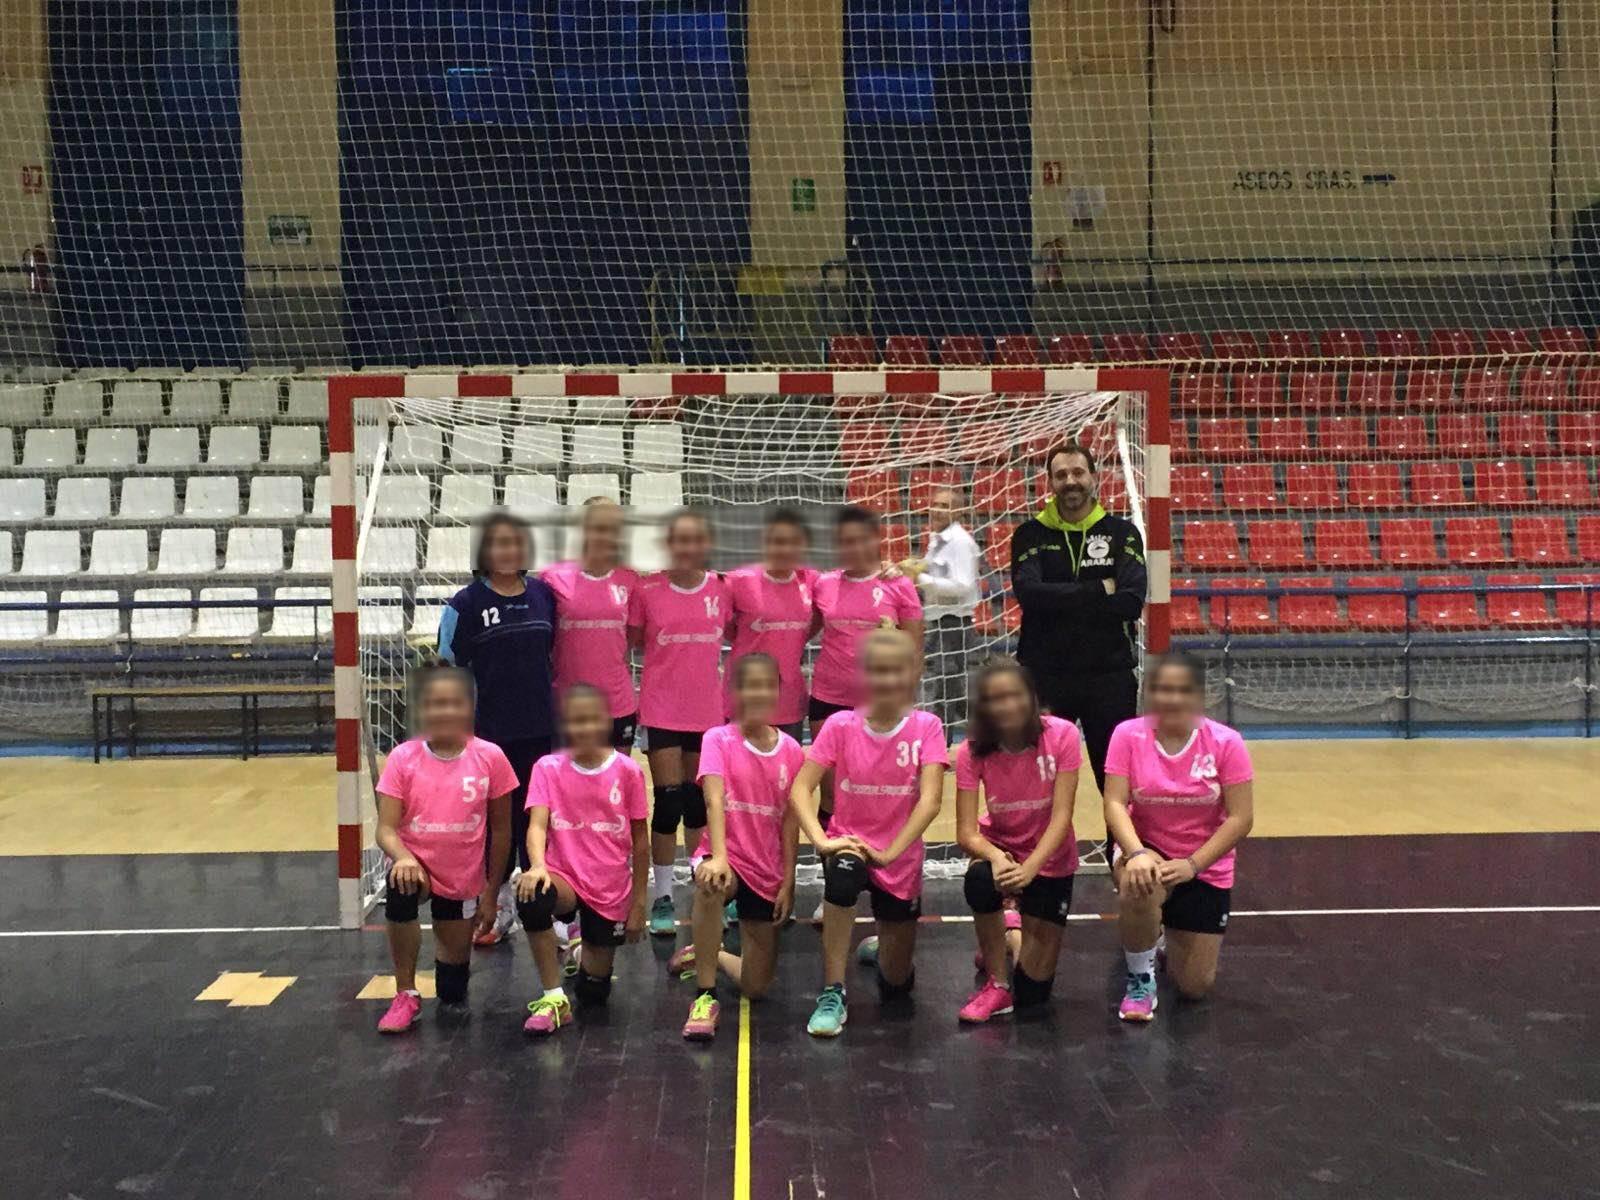 equipo-quijotes-handball-team-de-herencia-ciudad-real